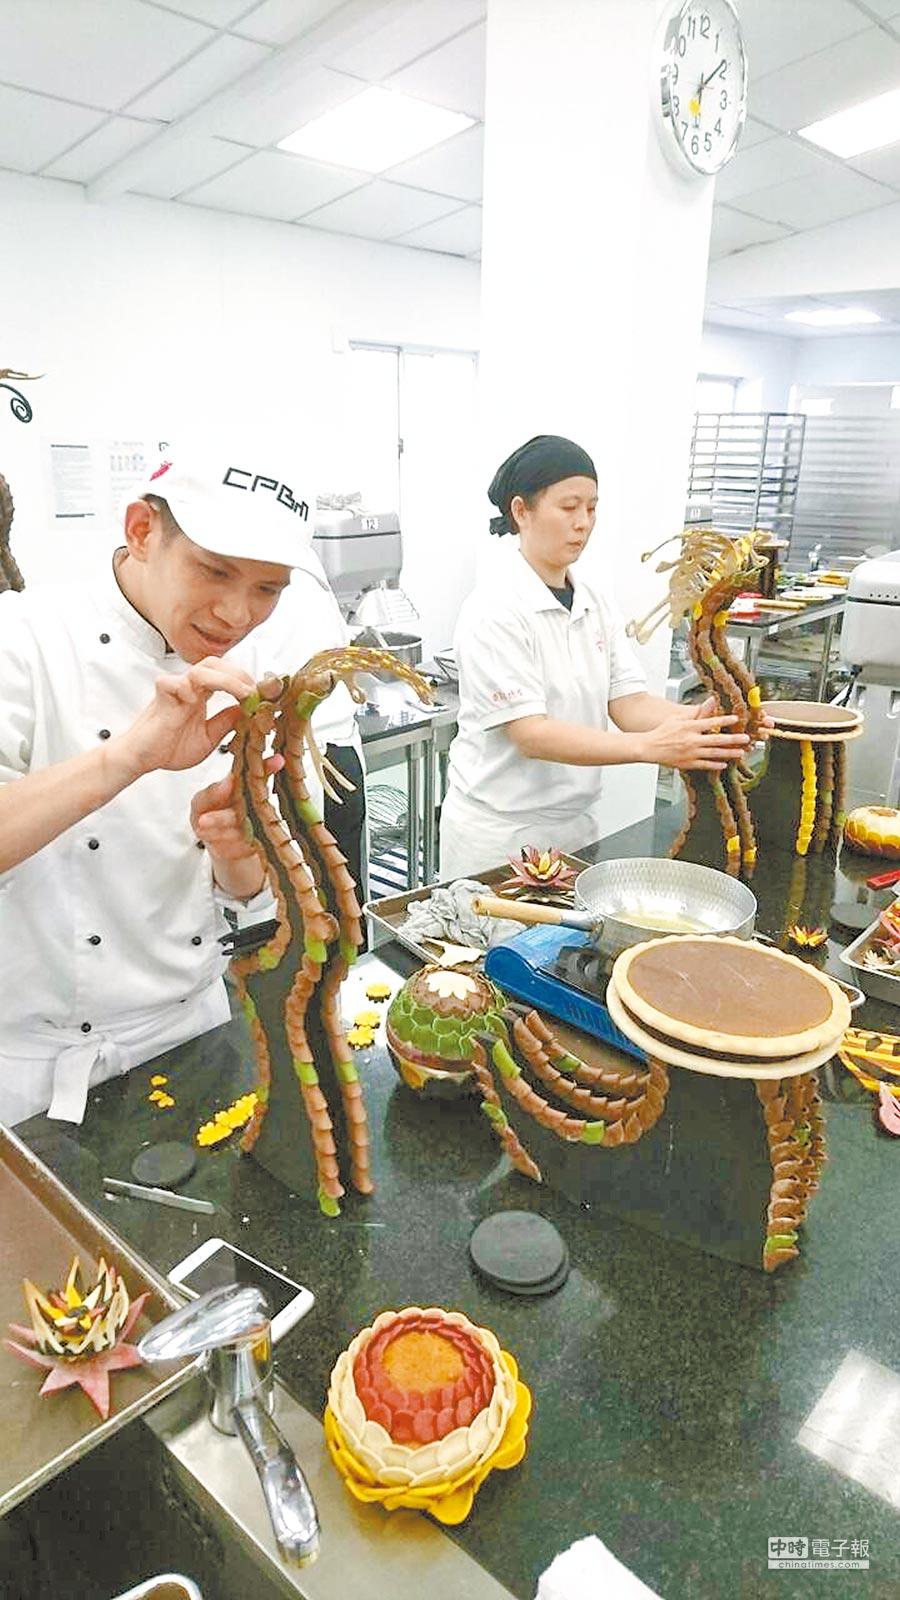 立體藝術麵包製作難度頗高,學員們用心學習每一步驟。(王文吉攝)